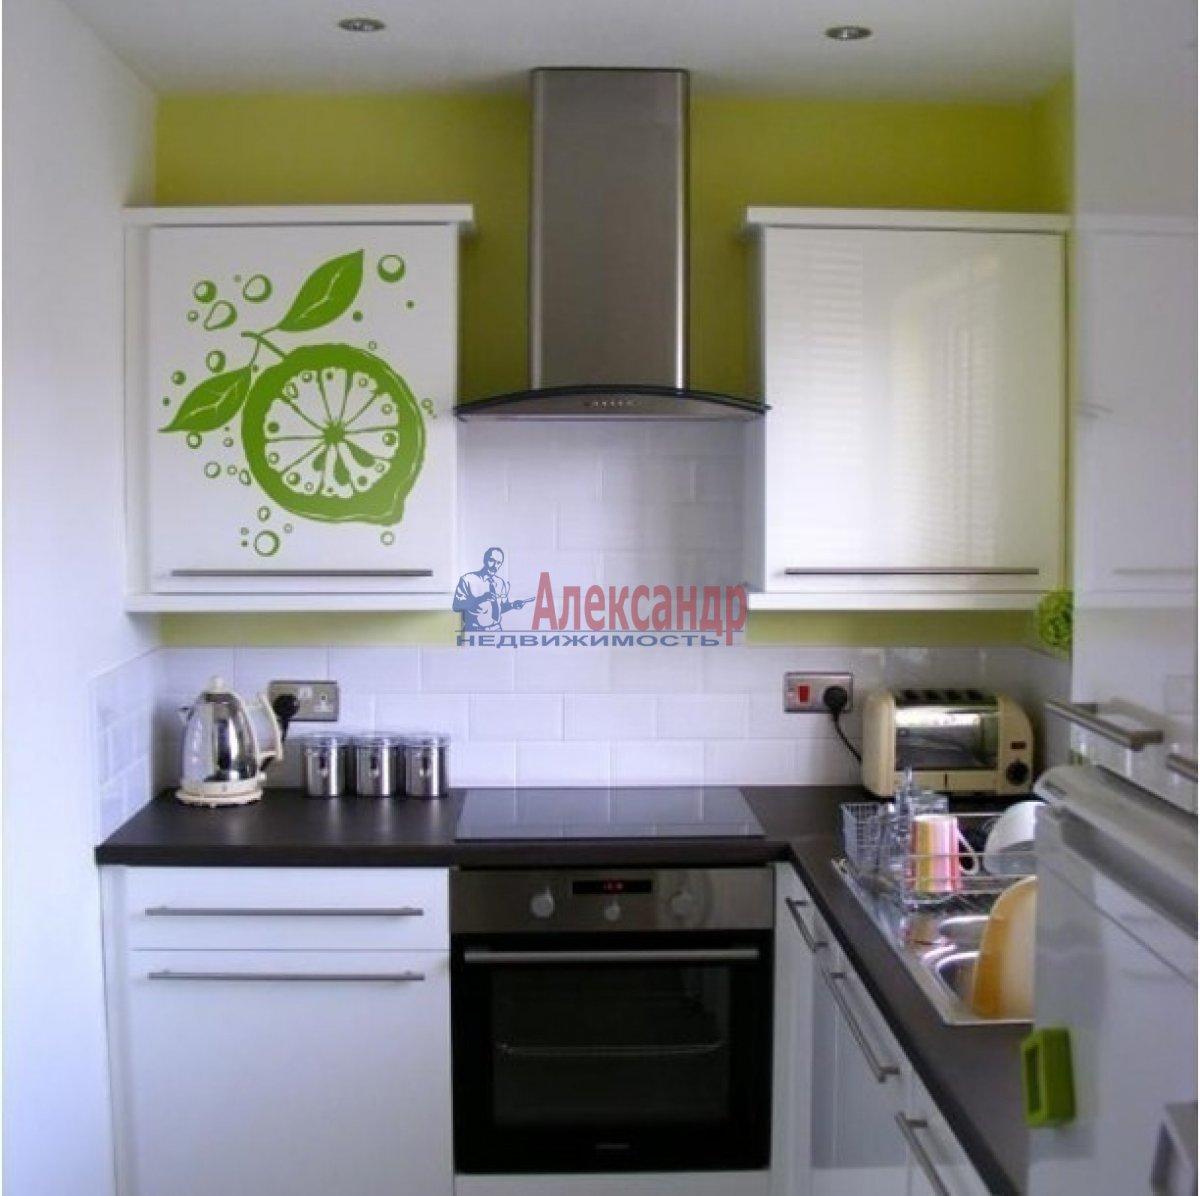 1-комнатная квартира (45м2) в аренду по адресу Латышских Стрелков ул., 15— фото 2 из 2